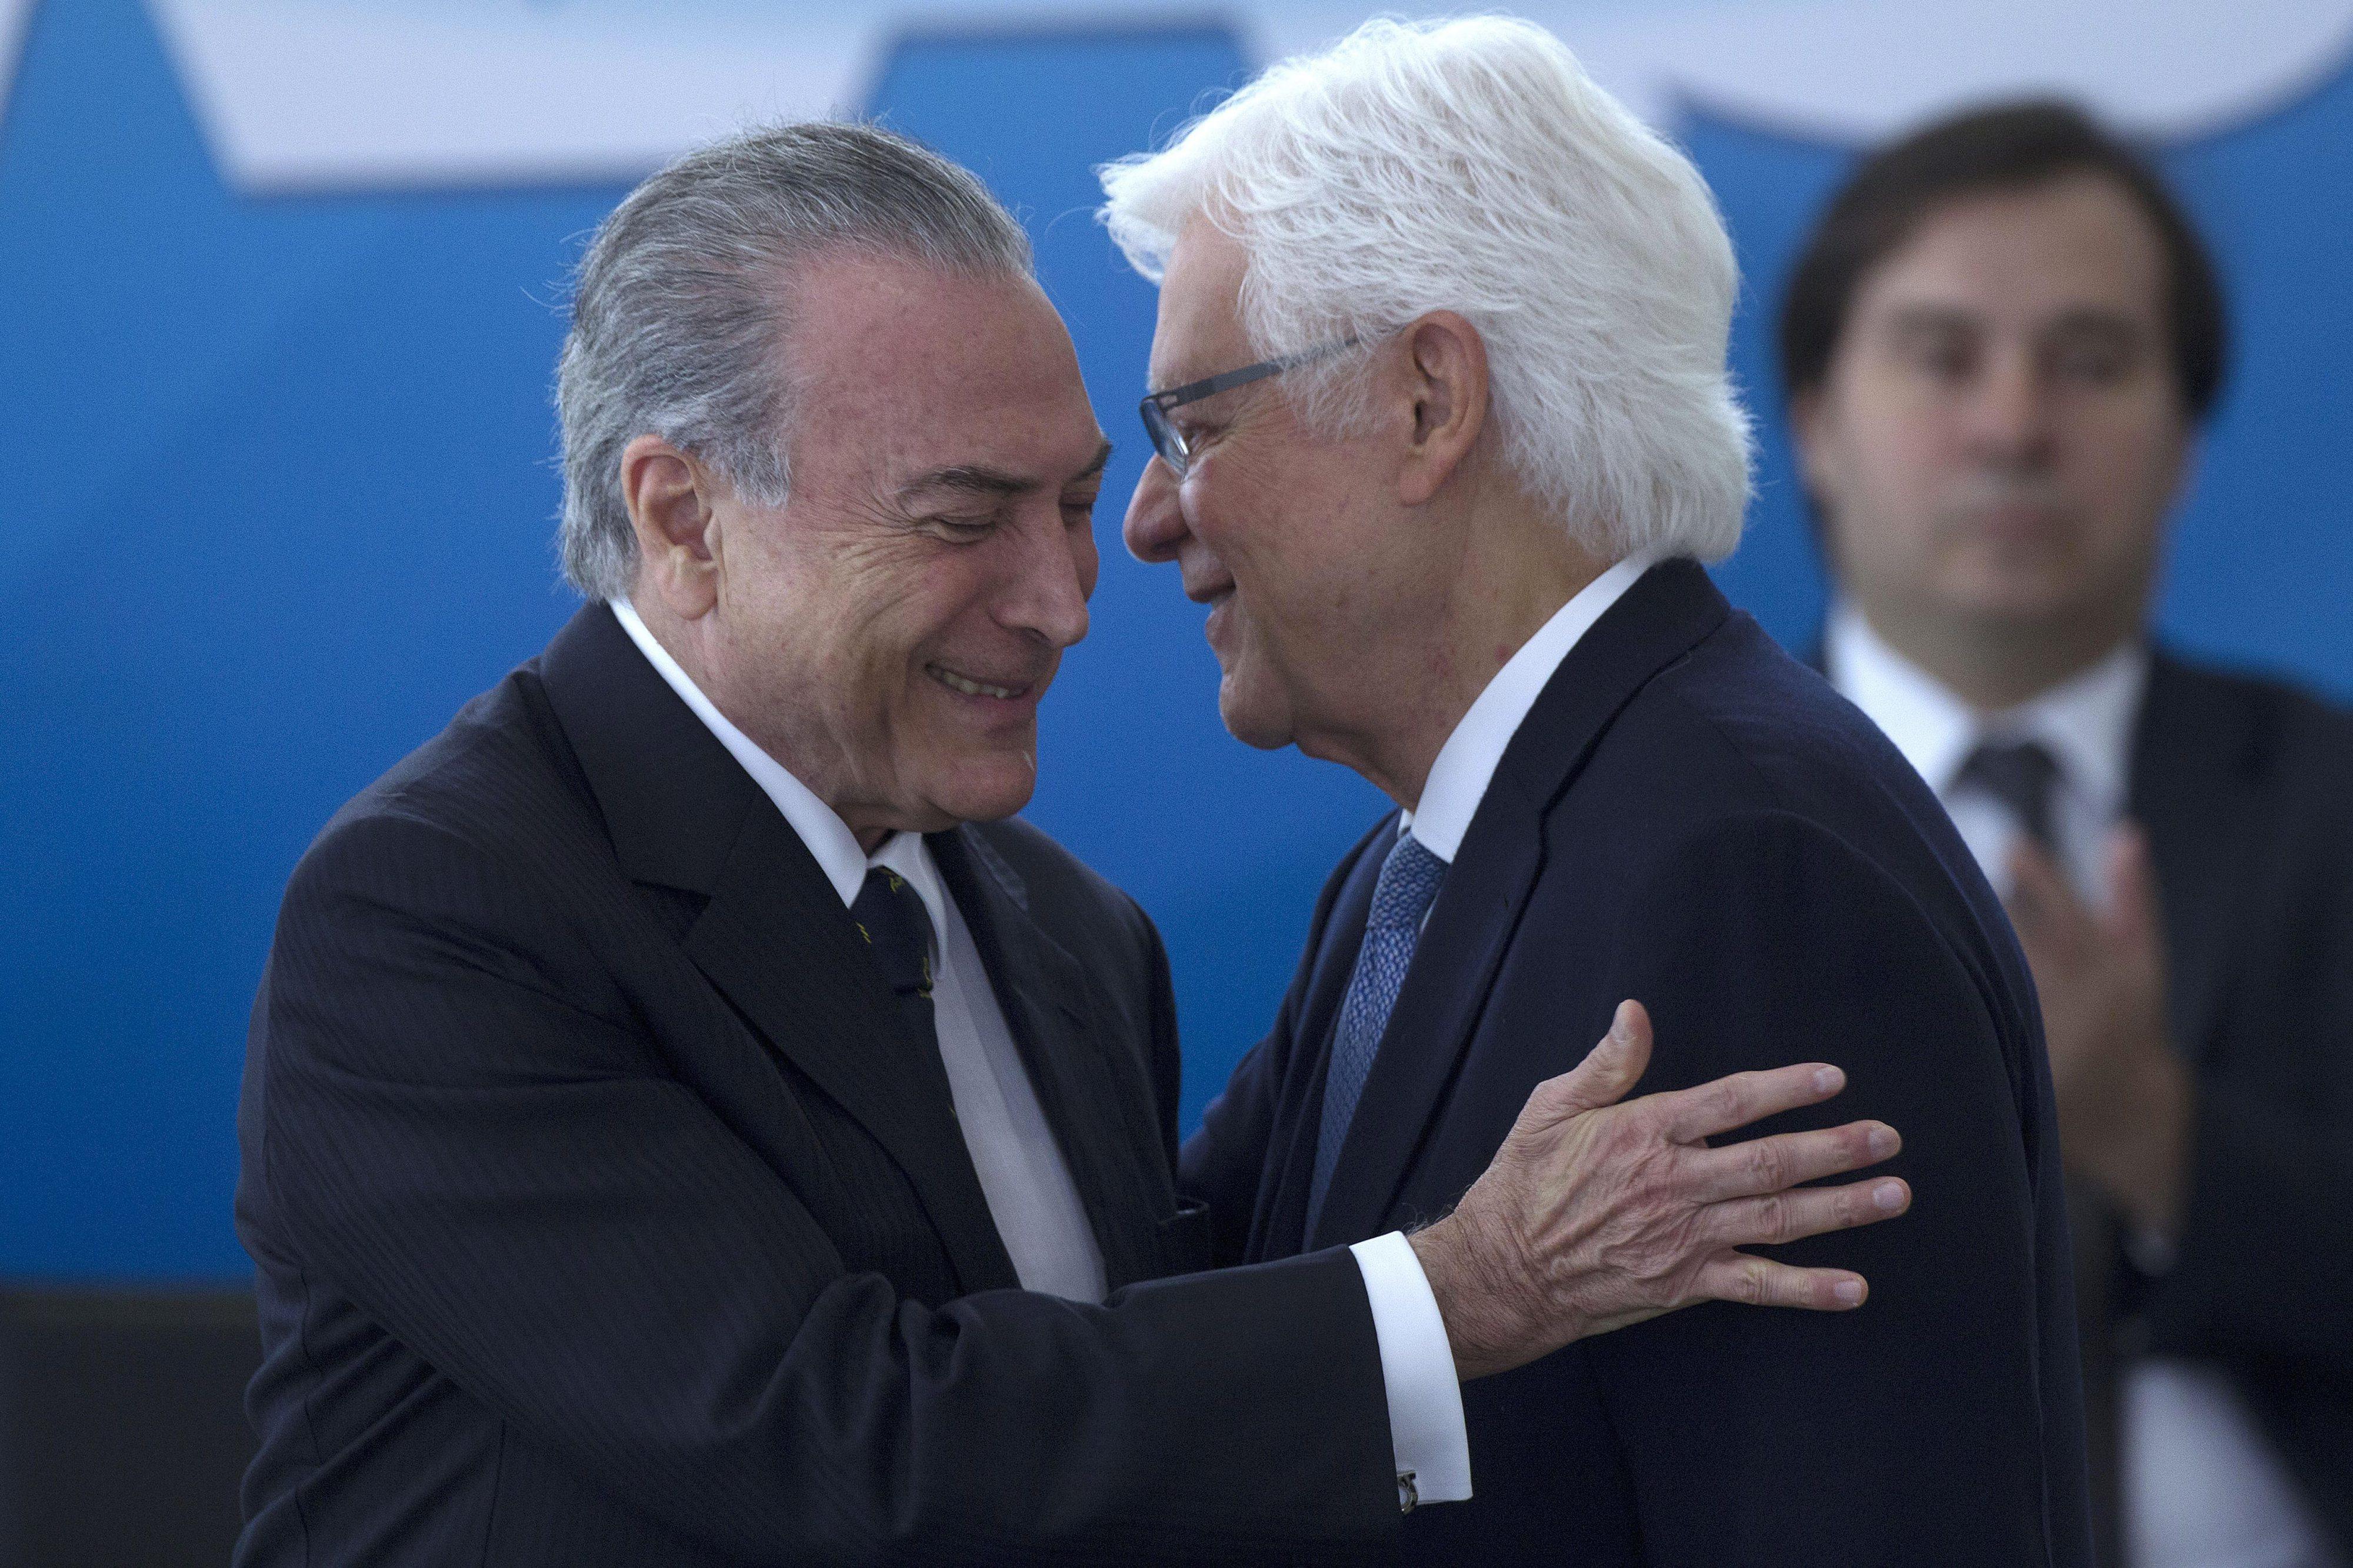 Comissão de Ética vai investigar três ministros brasileiros citados no escândalo de corrupção